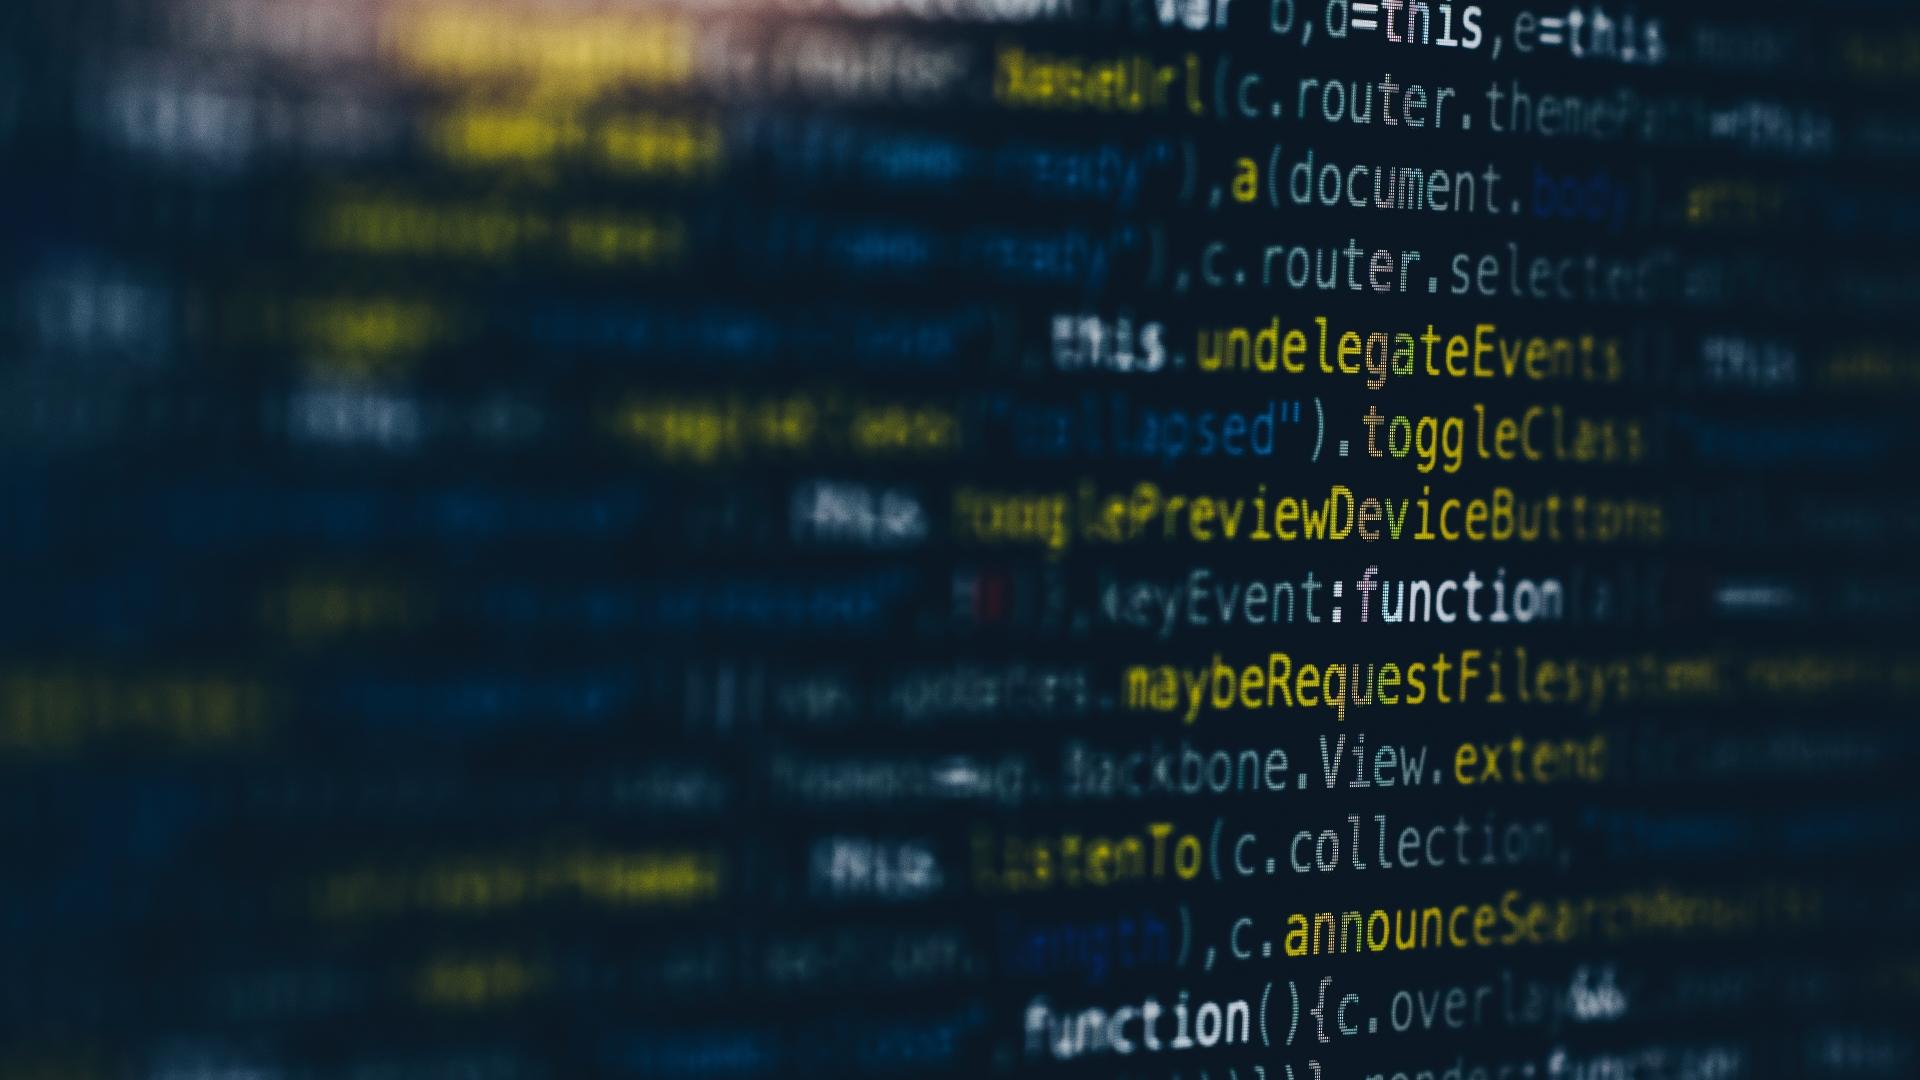 Coding, Programmieren, unsplash.com, Markus Spiske